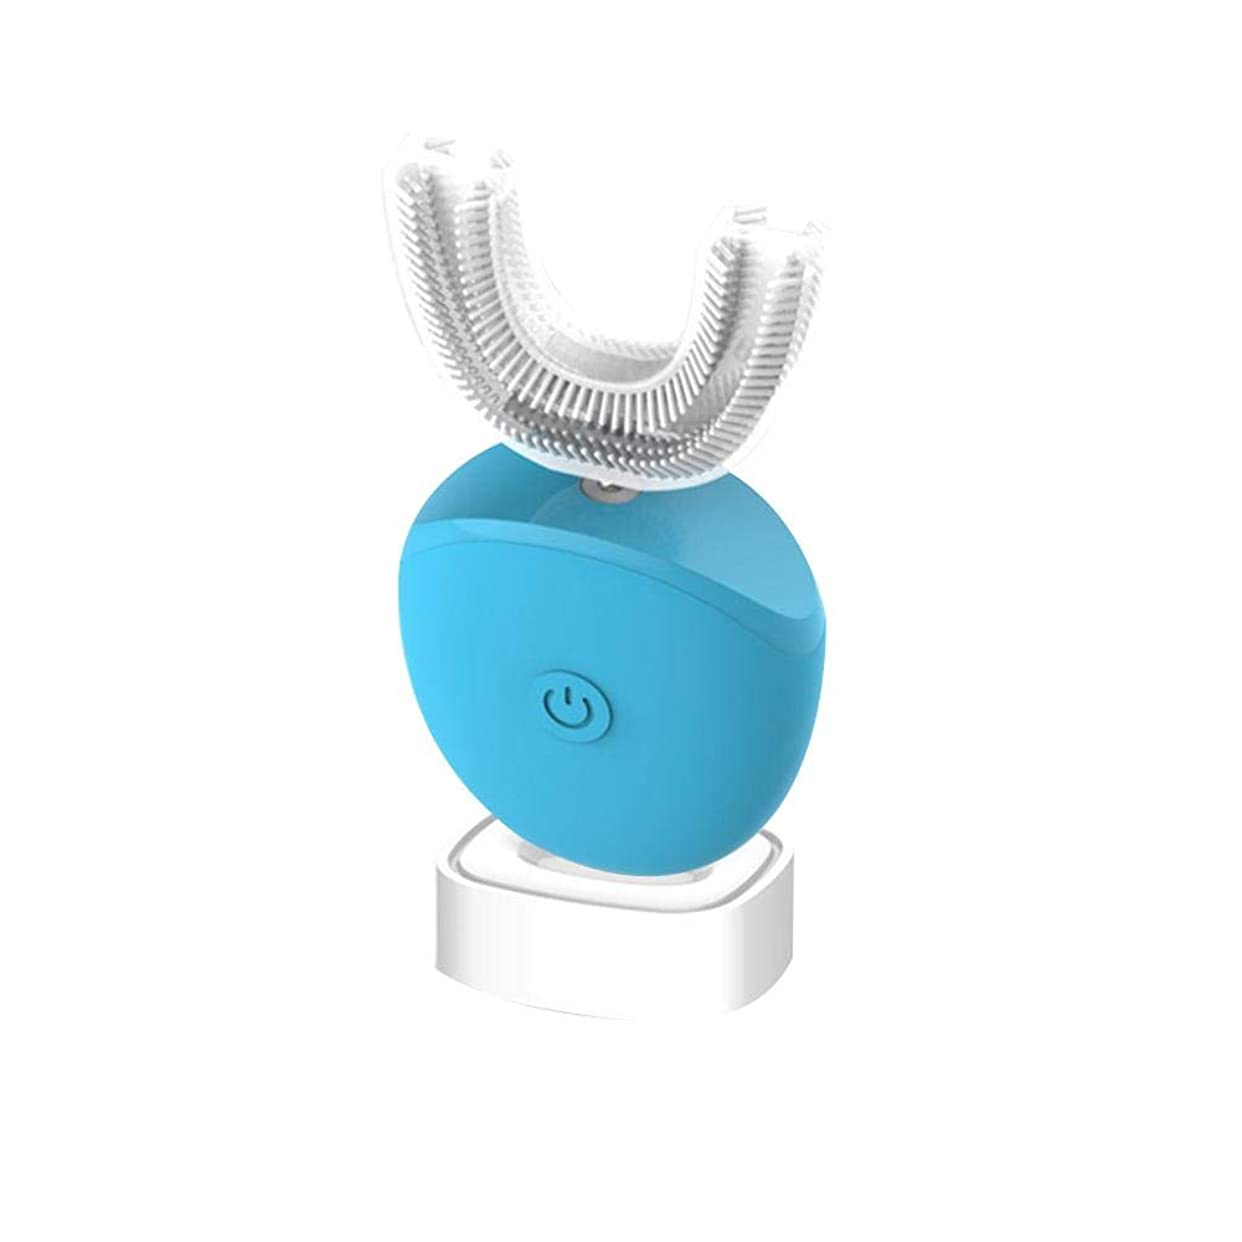 苛性ピッチスラックclouday 360°超音波ブラシ 電動歯ブラシ U型 自動式 超音波 IPX7レベル防水 専門360°全方位 柔らかいシリコーンブラシヘッド 怠け者牙刷-電動 U型 超音波 全方位 自動歯ブラシ 家庭用 プレゼント trendy